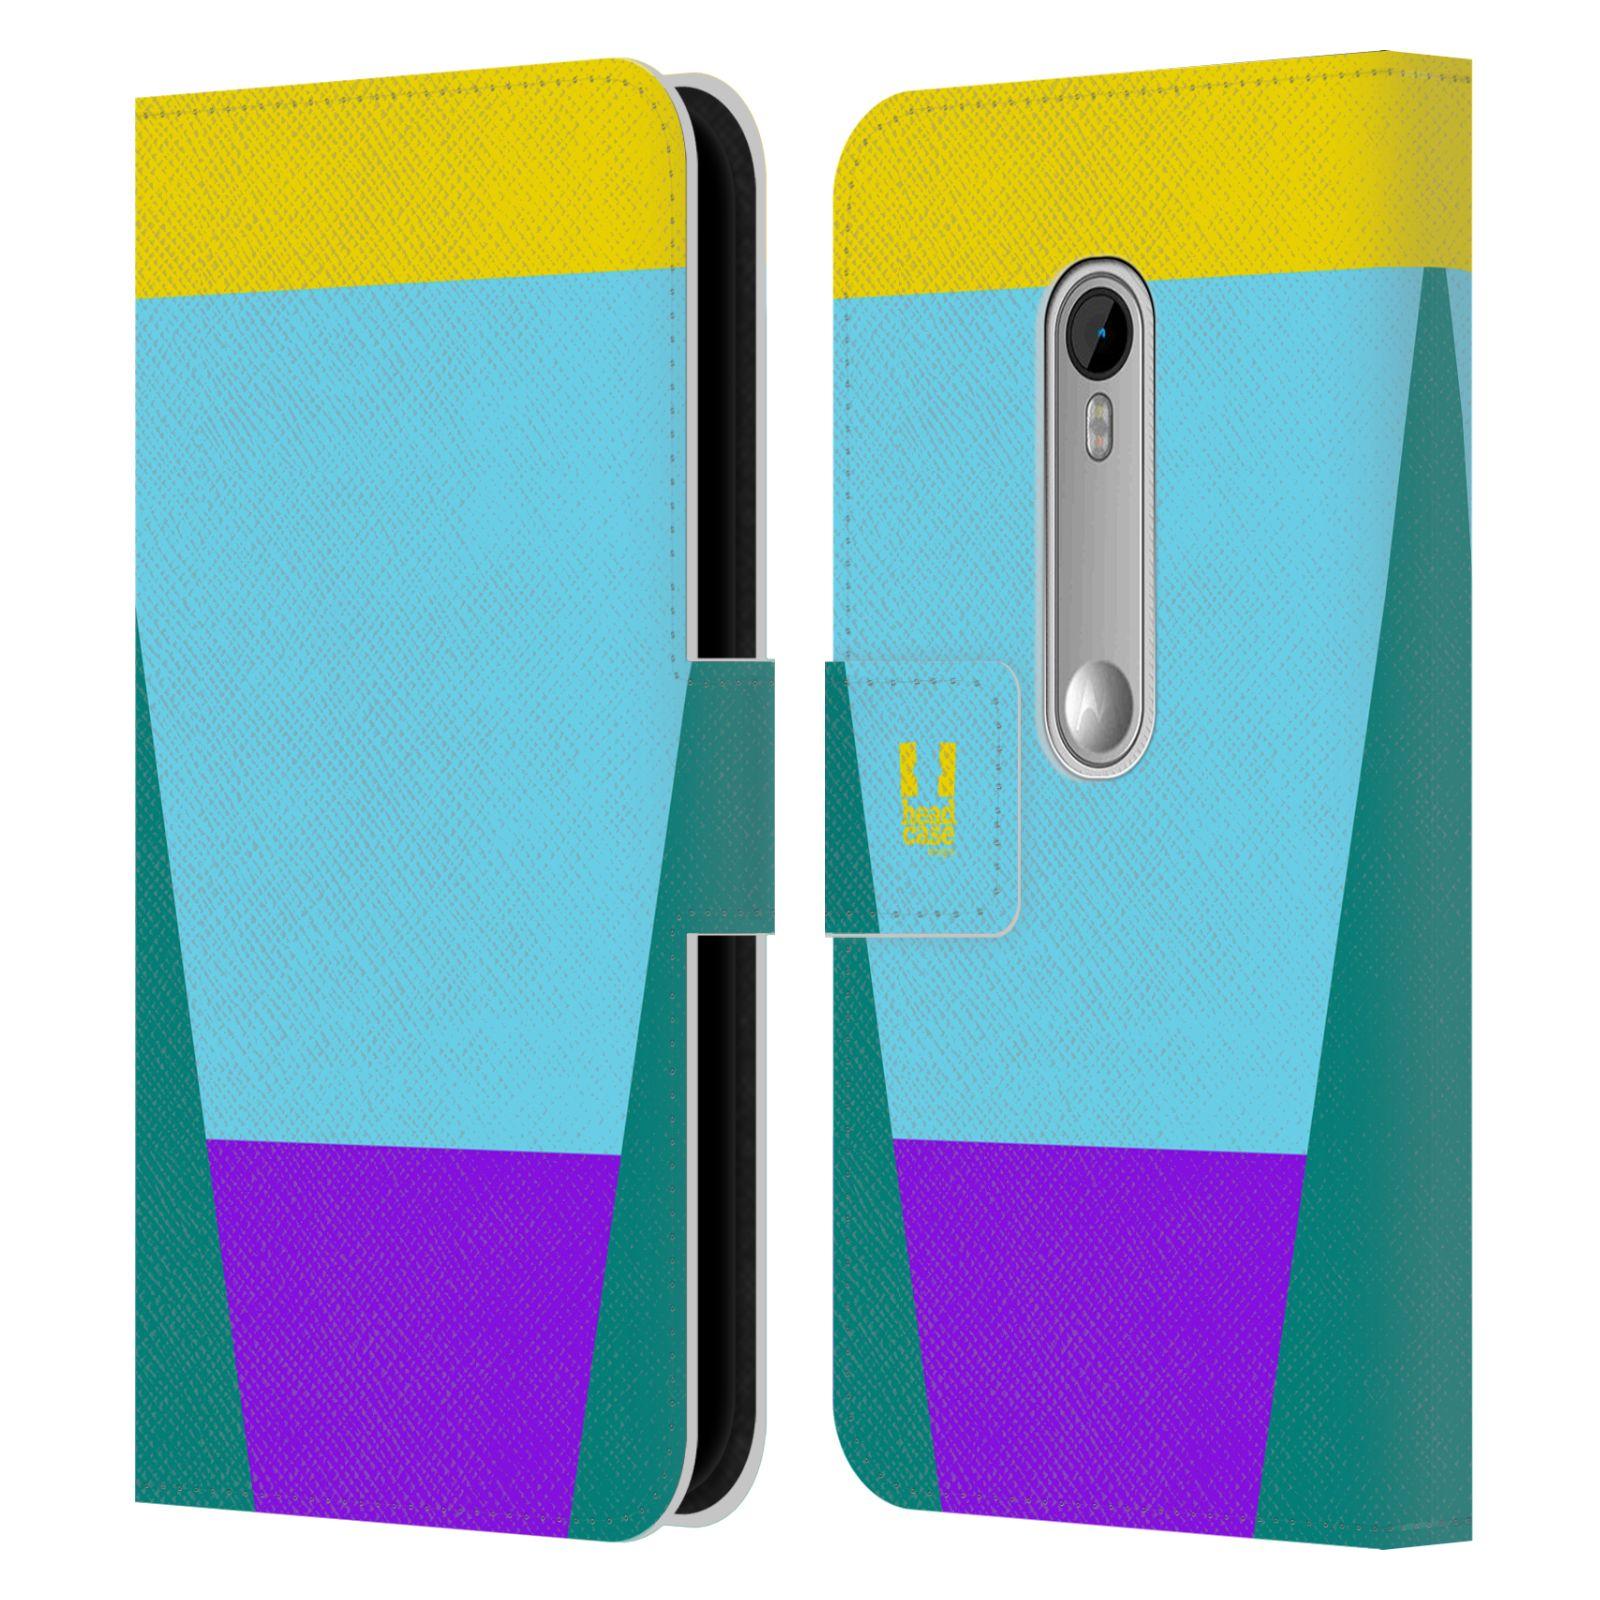 HEAD CASE Flipové pouzdro pro mobil Motorola MOTO G 3RD GENERATION barevné tvary nebesky modrá